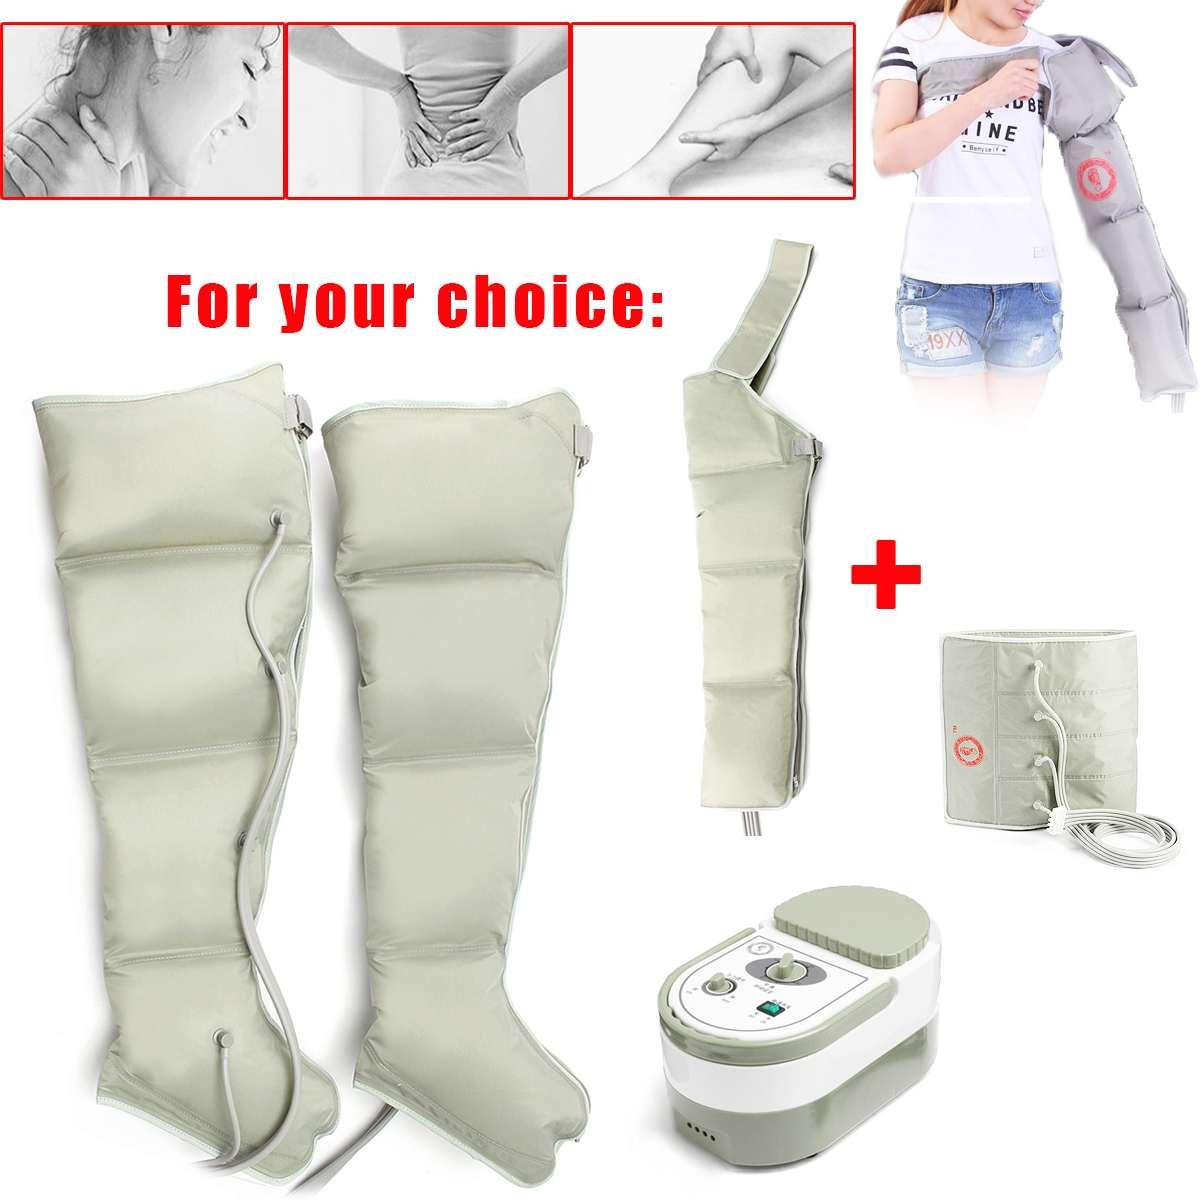 Thérapie infrarouge Compression de l'air masseur de corps taille jambe bras Relax Instrument promouvoir la Circulation sanguine soulagement de la douleur minceur